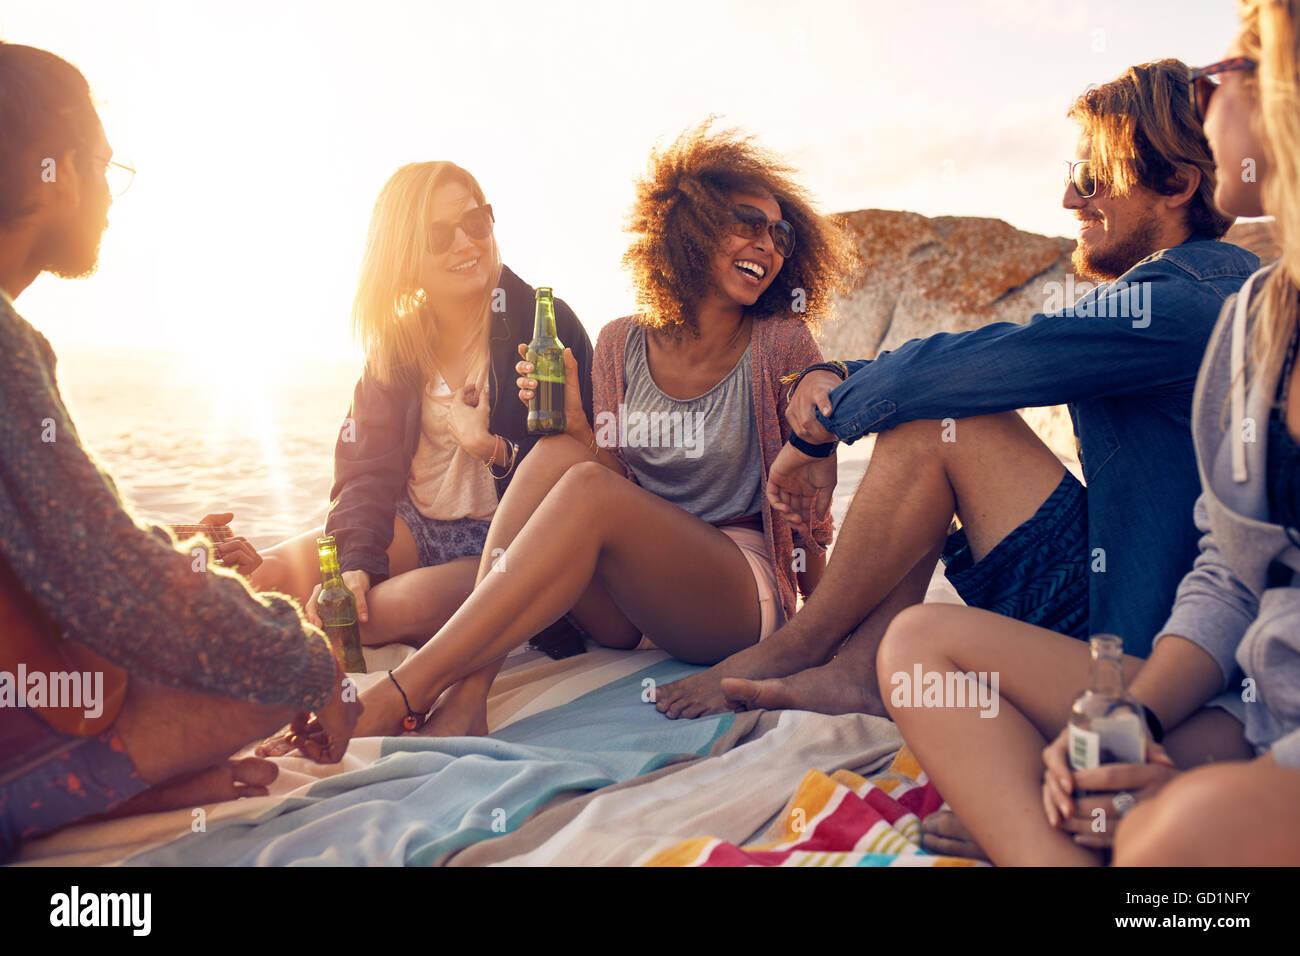 Mestizos amigos divirtiéndose en la playa. Grupo de jóvenes felices sentados juntos en la playa, hablando Imagen De Stock